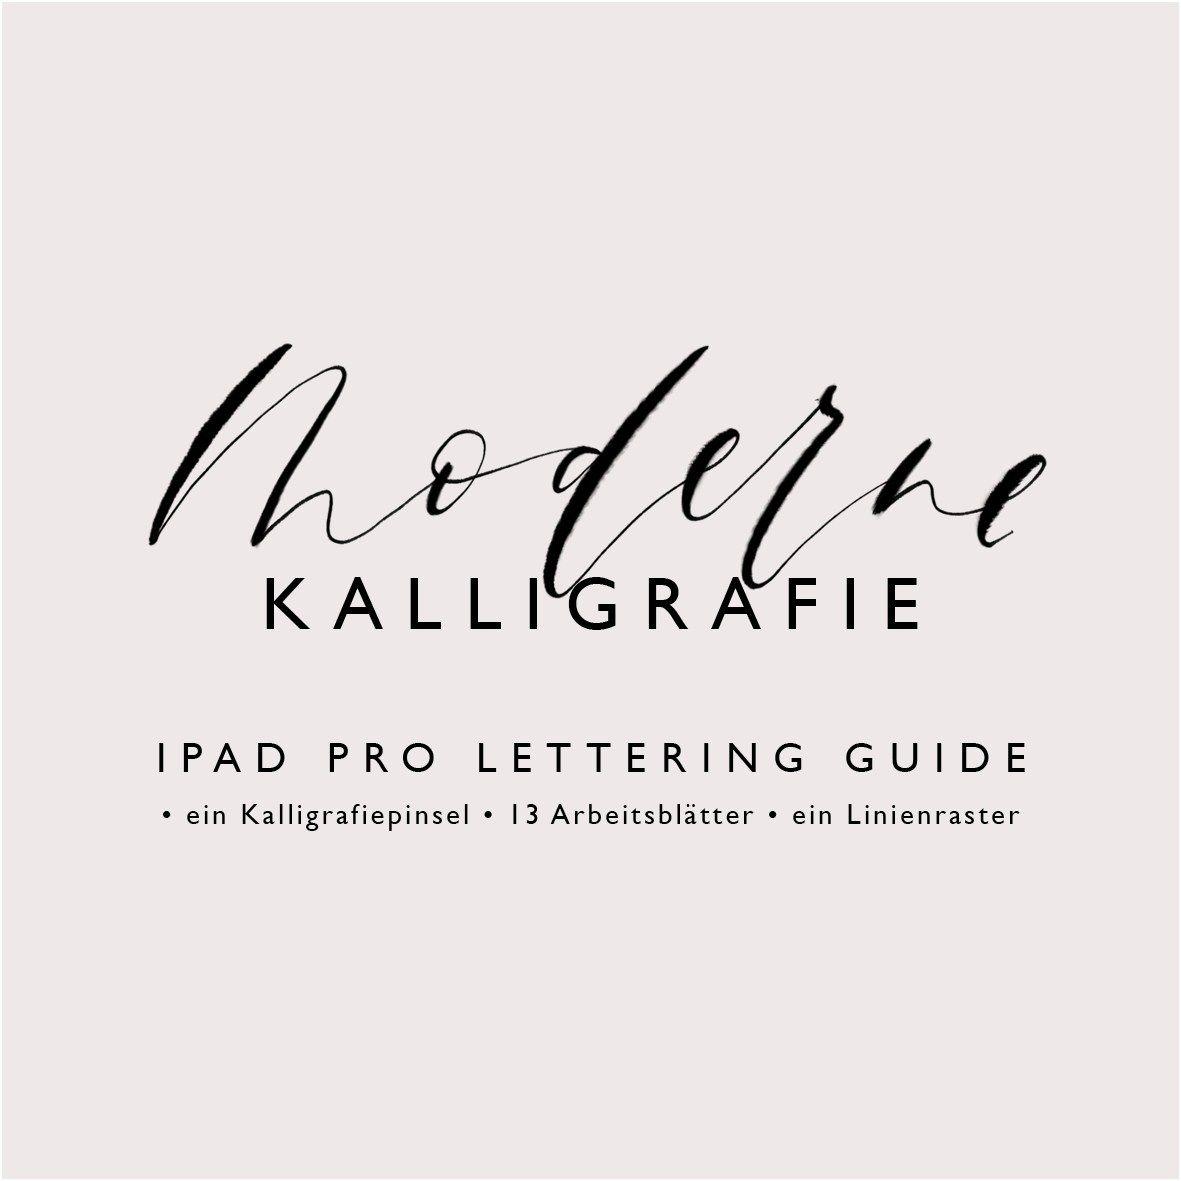 iPad Pro Lettering Guide Moderne Kalligrafie